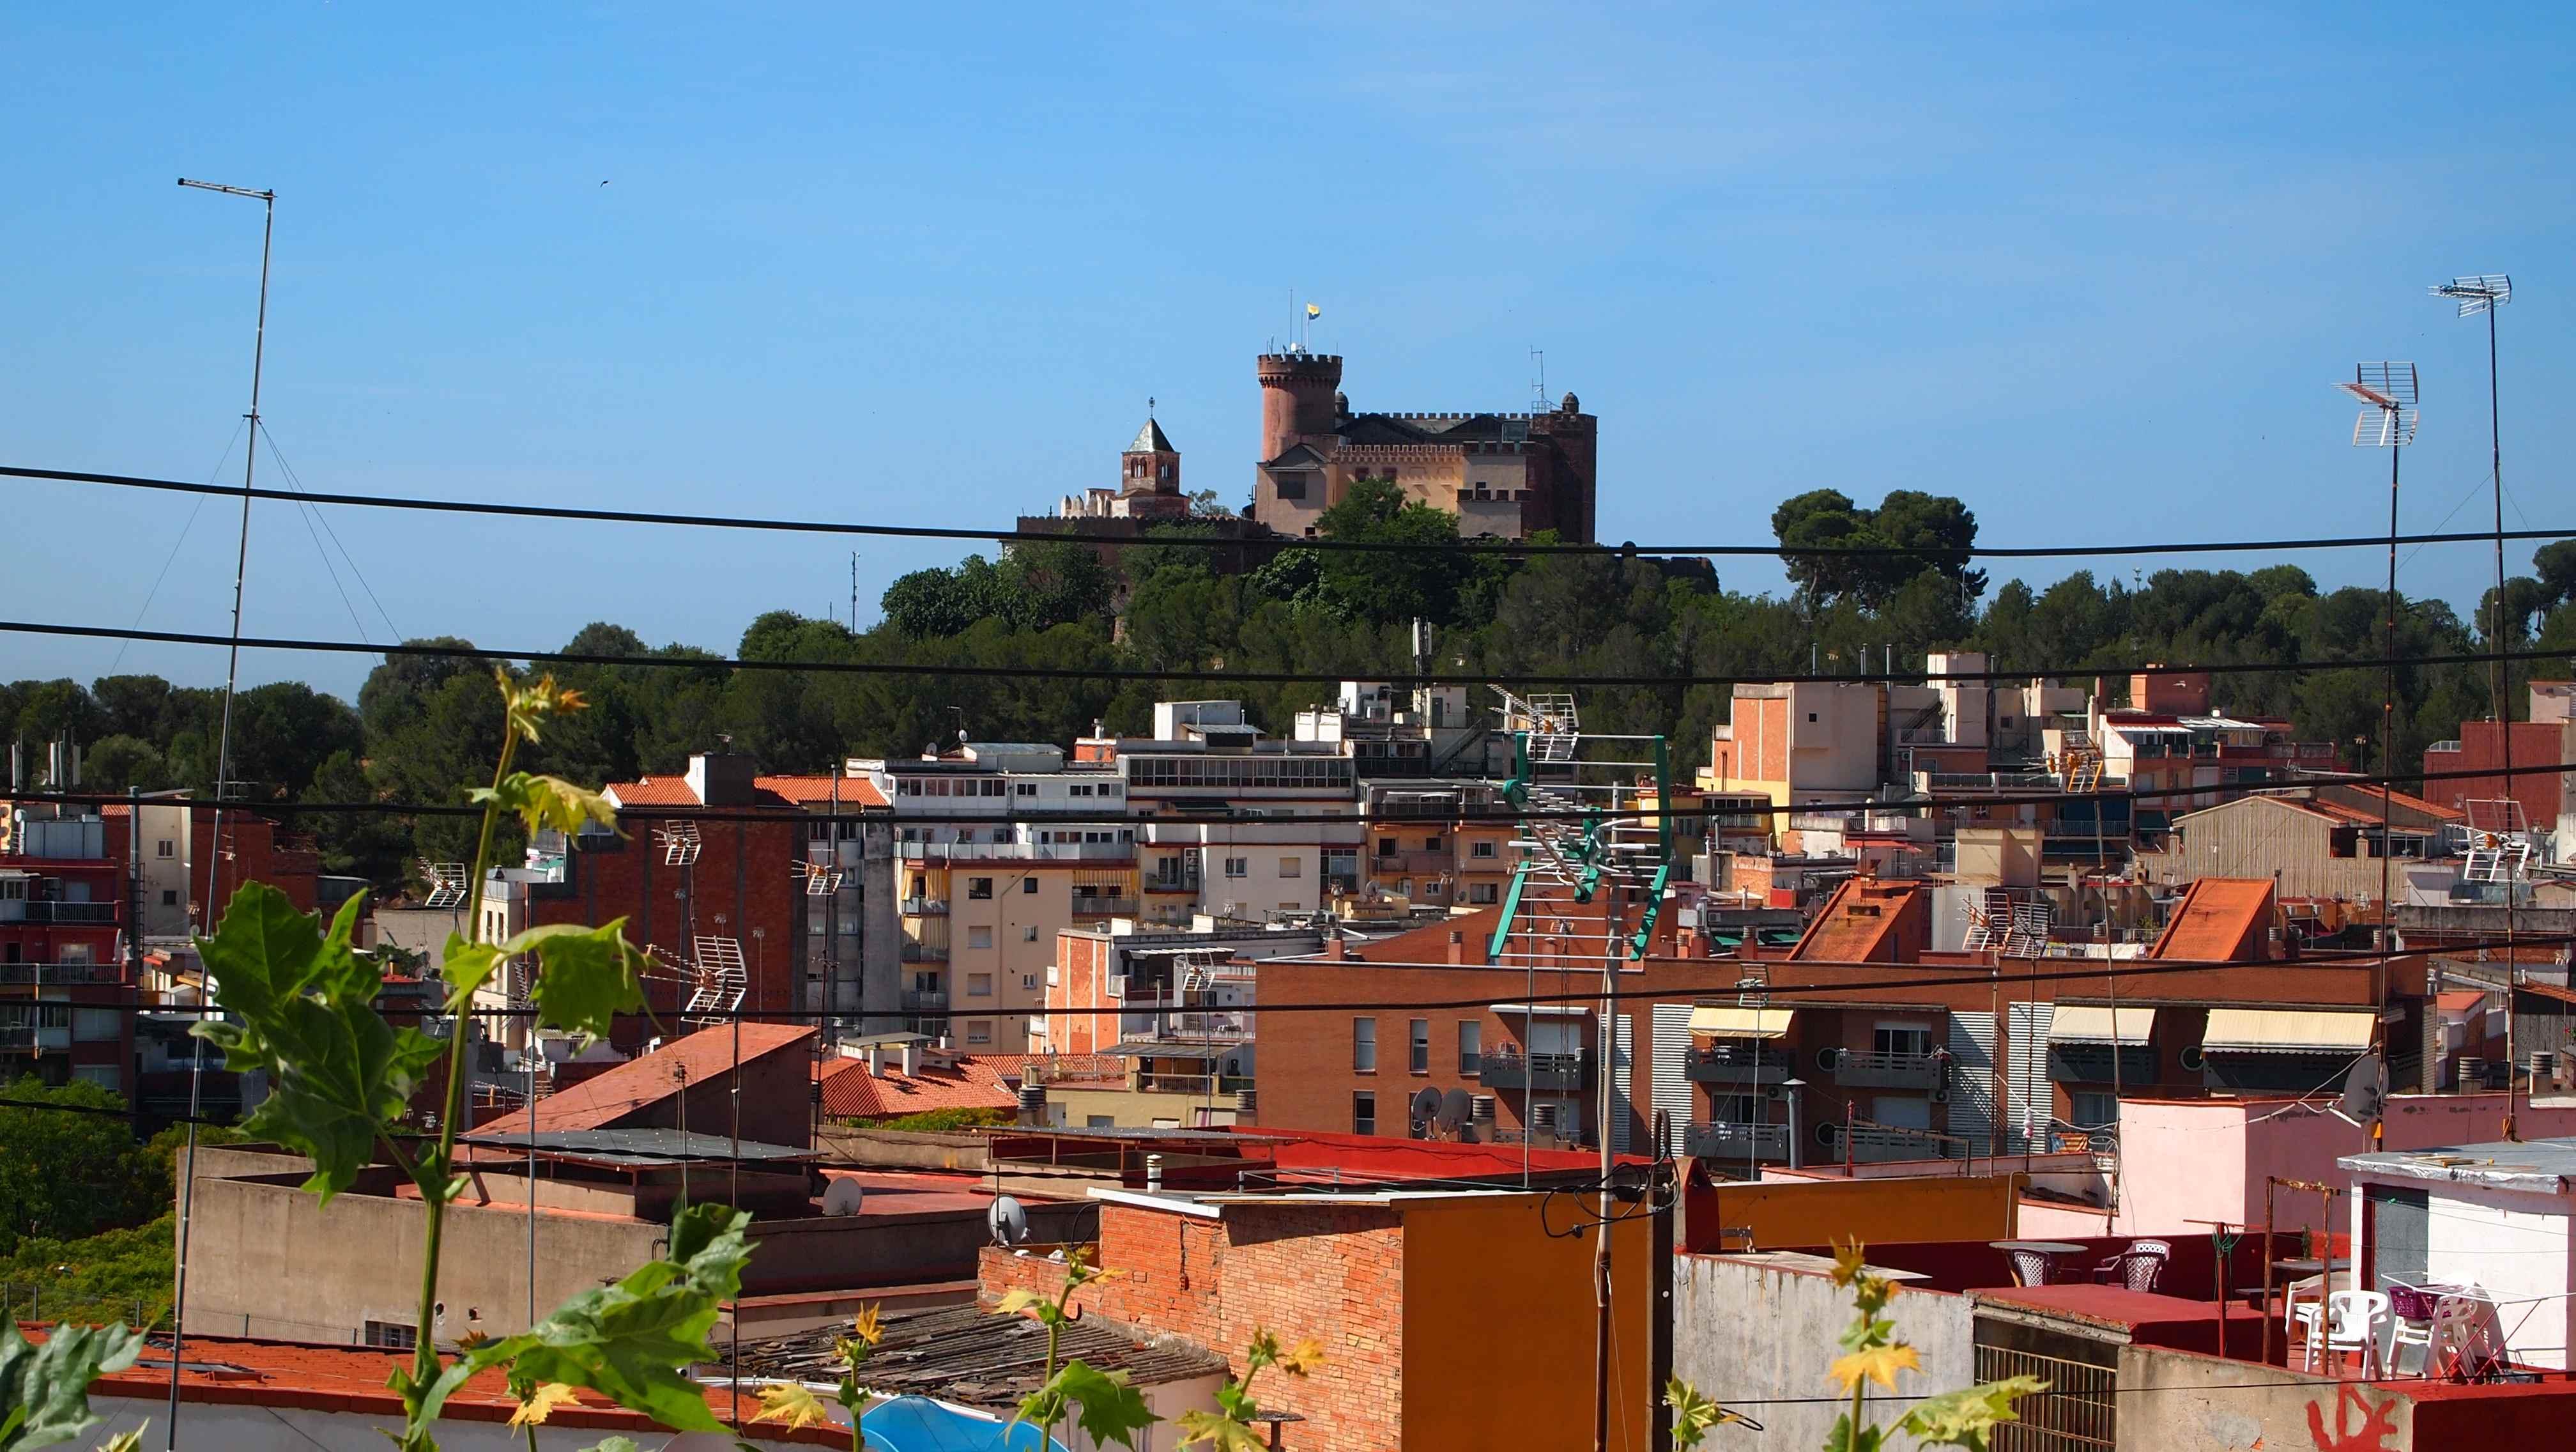 Vistes del castell, a la ciutat de Castelldefels / MARC COROMINAS